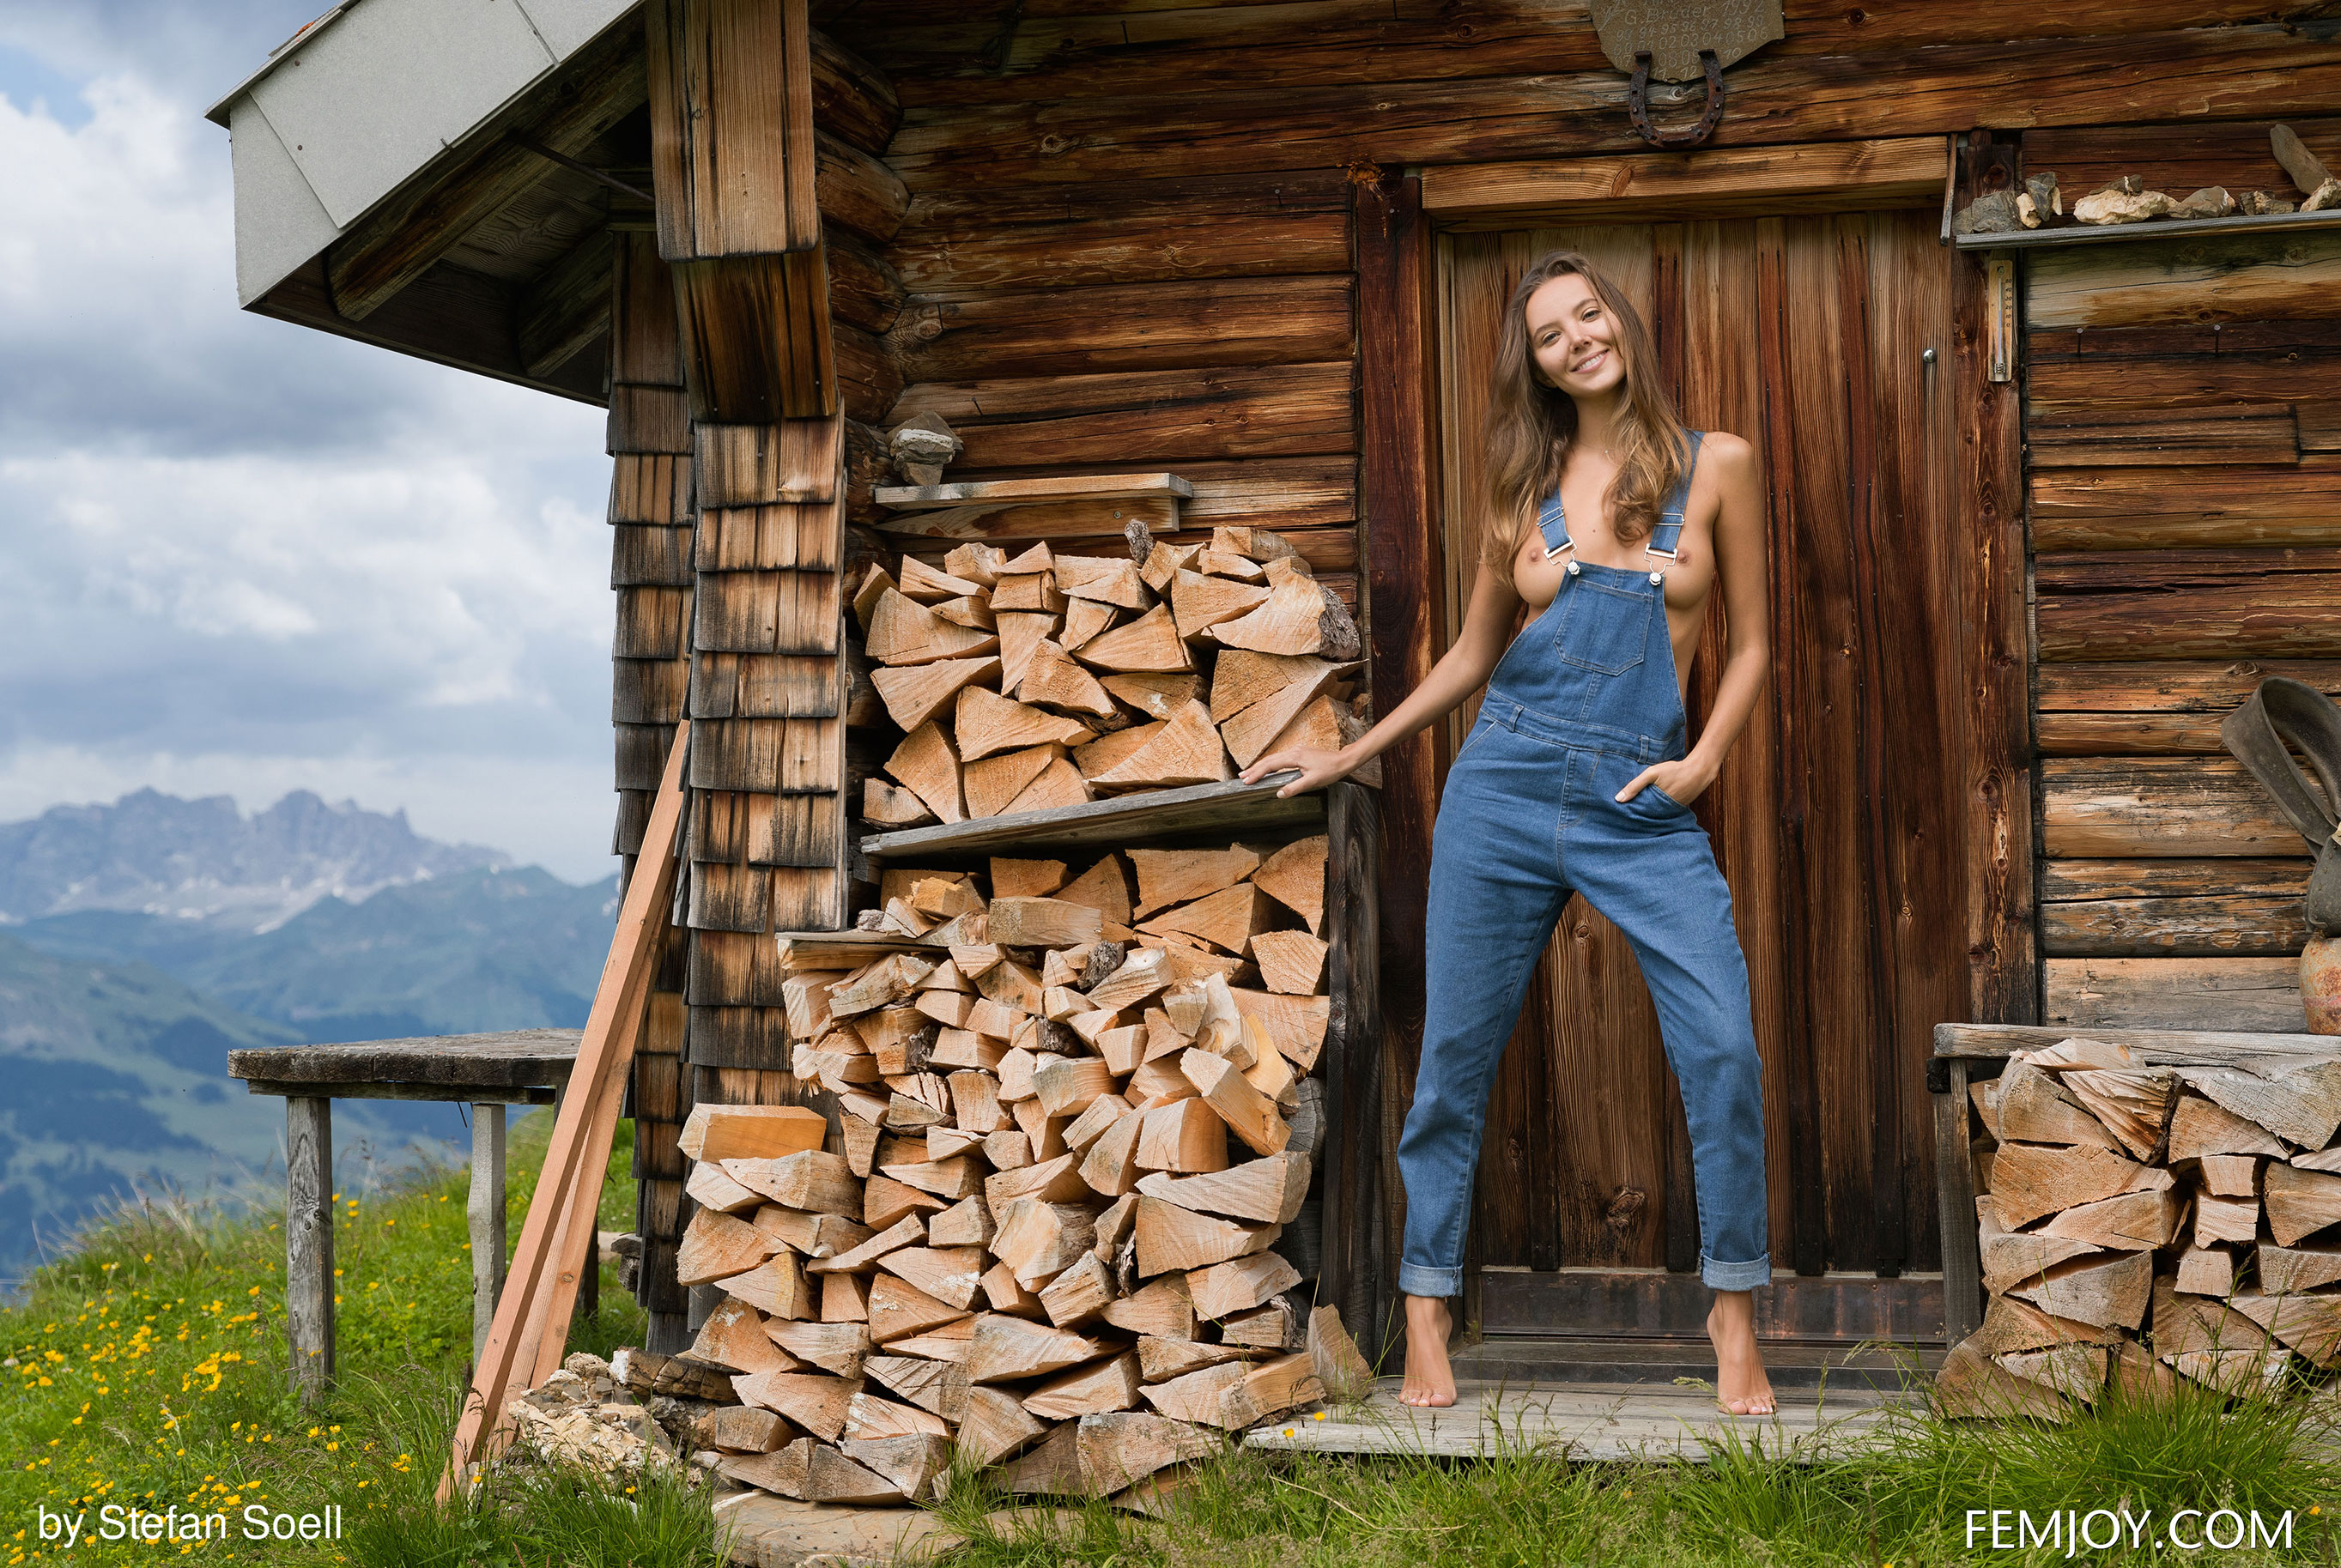 Сексуальная Катя - голая и одинокая в избушке на склоне Альпийских гор / фото 04